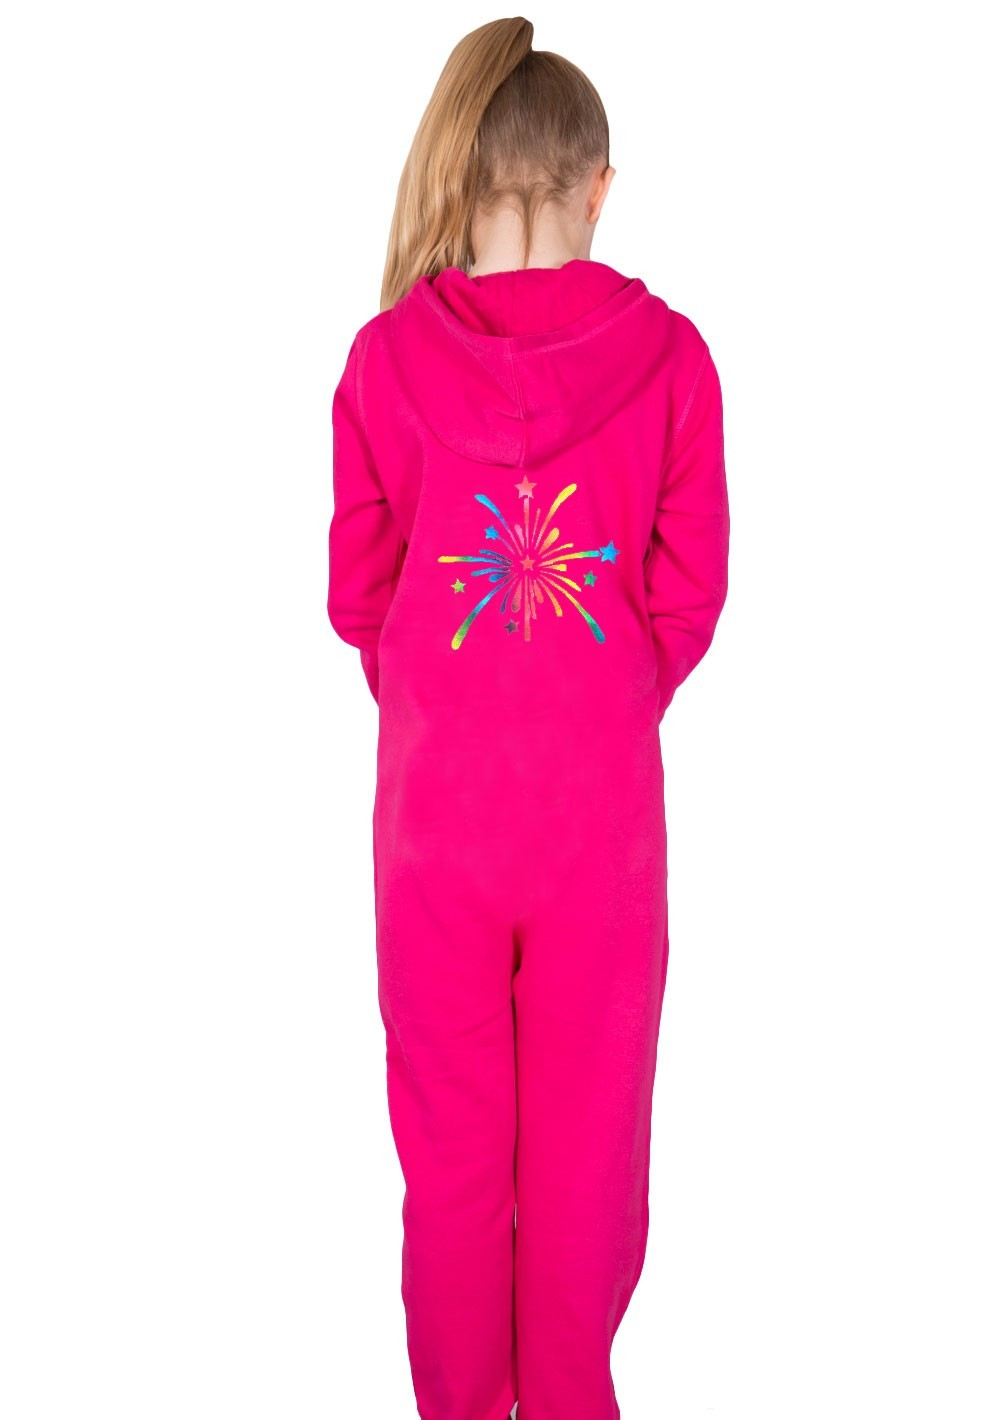 Metallic Print Your Name Initial adult Personalised hoody sweatshirt gift idea